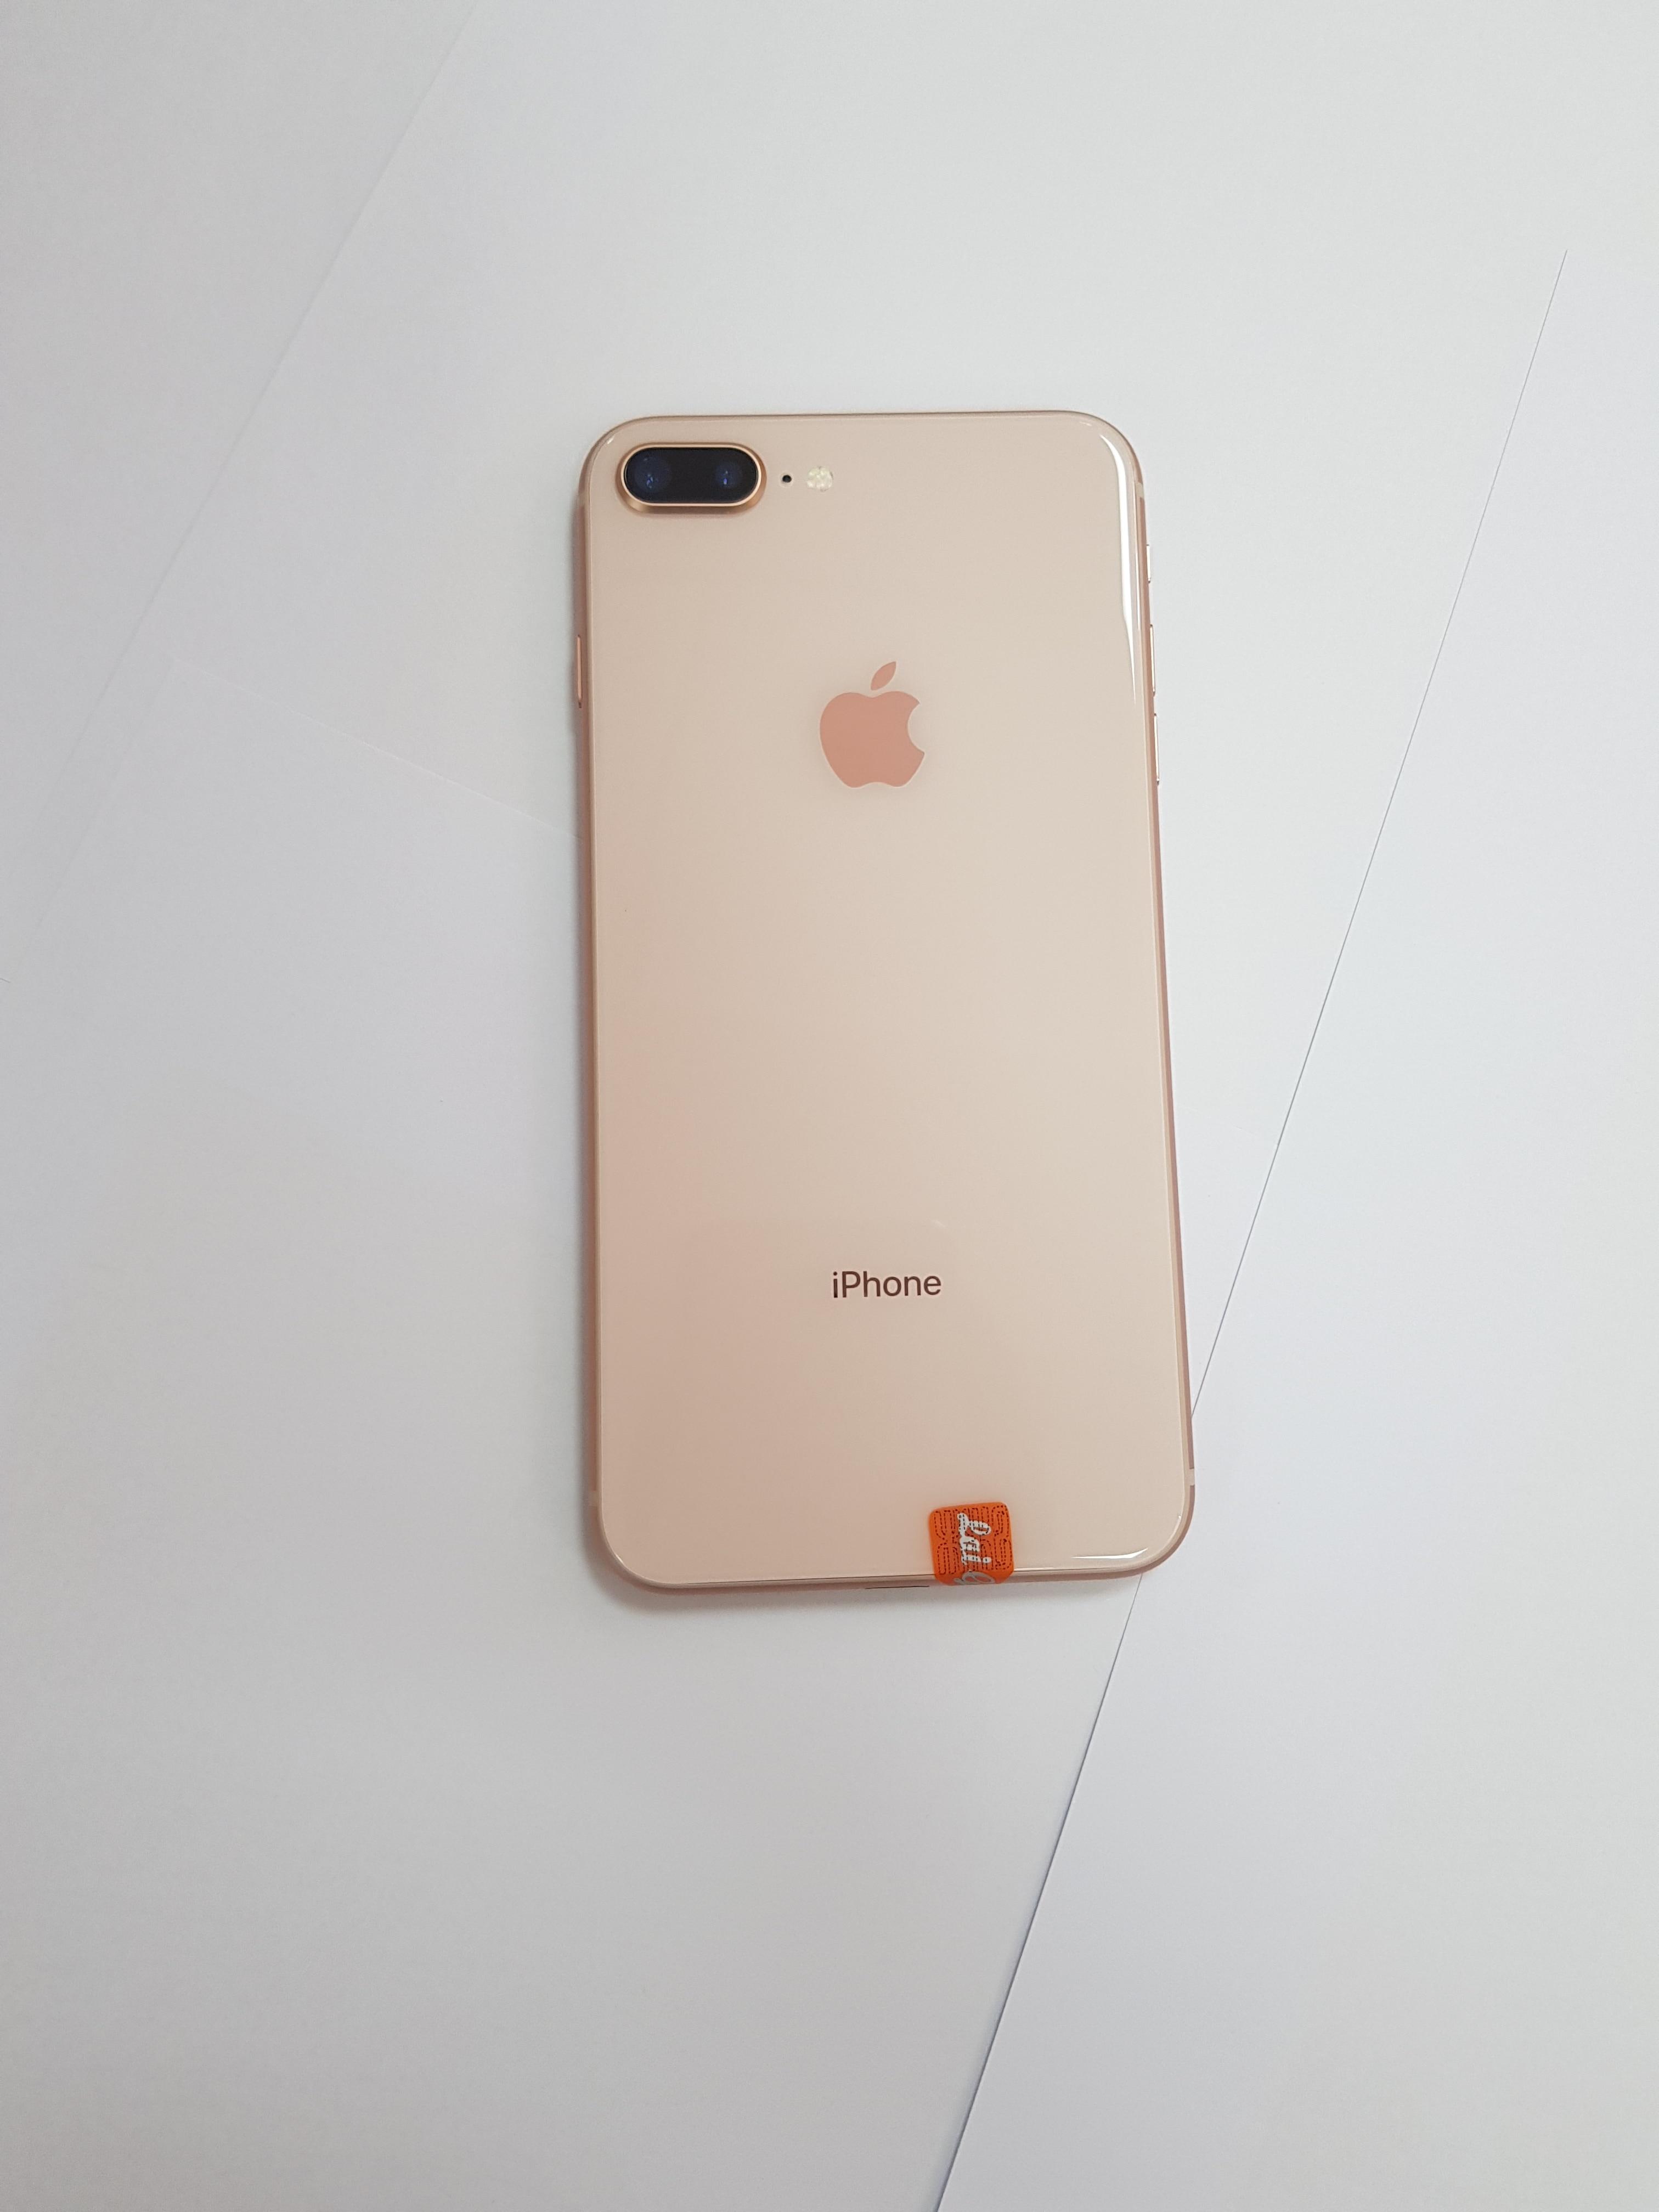 Original Unlocked Apple iPhone 8 Plus LTE Mobile Phone 3GB RAM Hexa Core 12.0MP 5.5